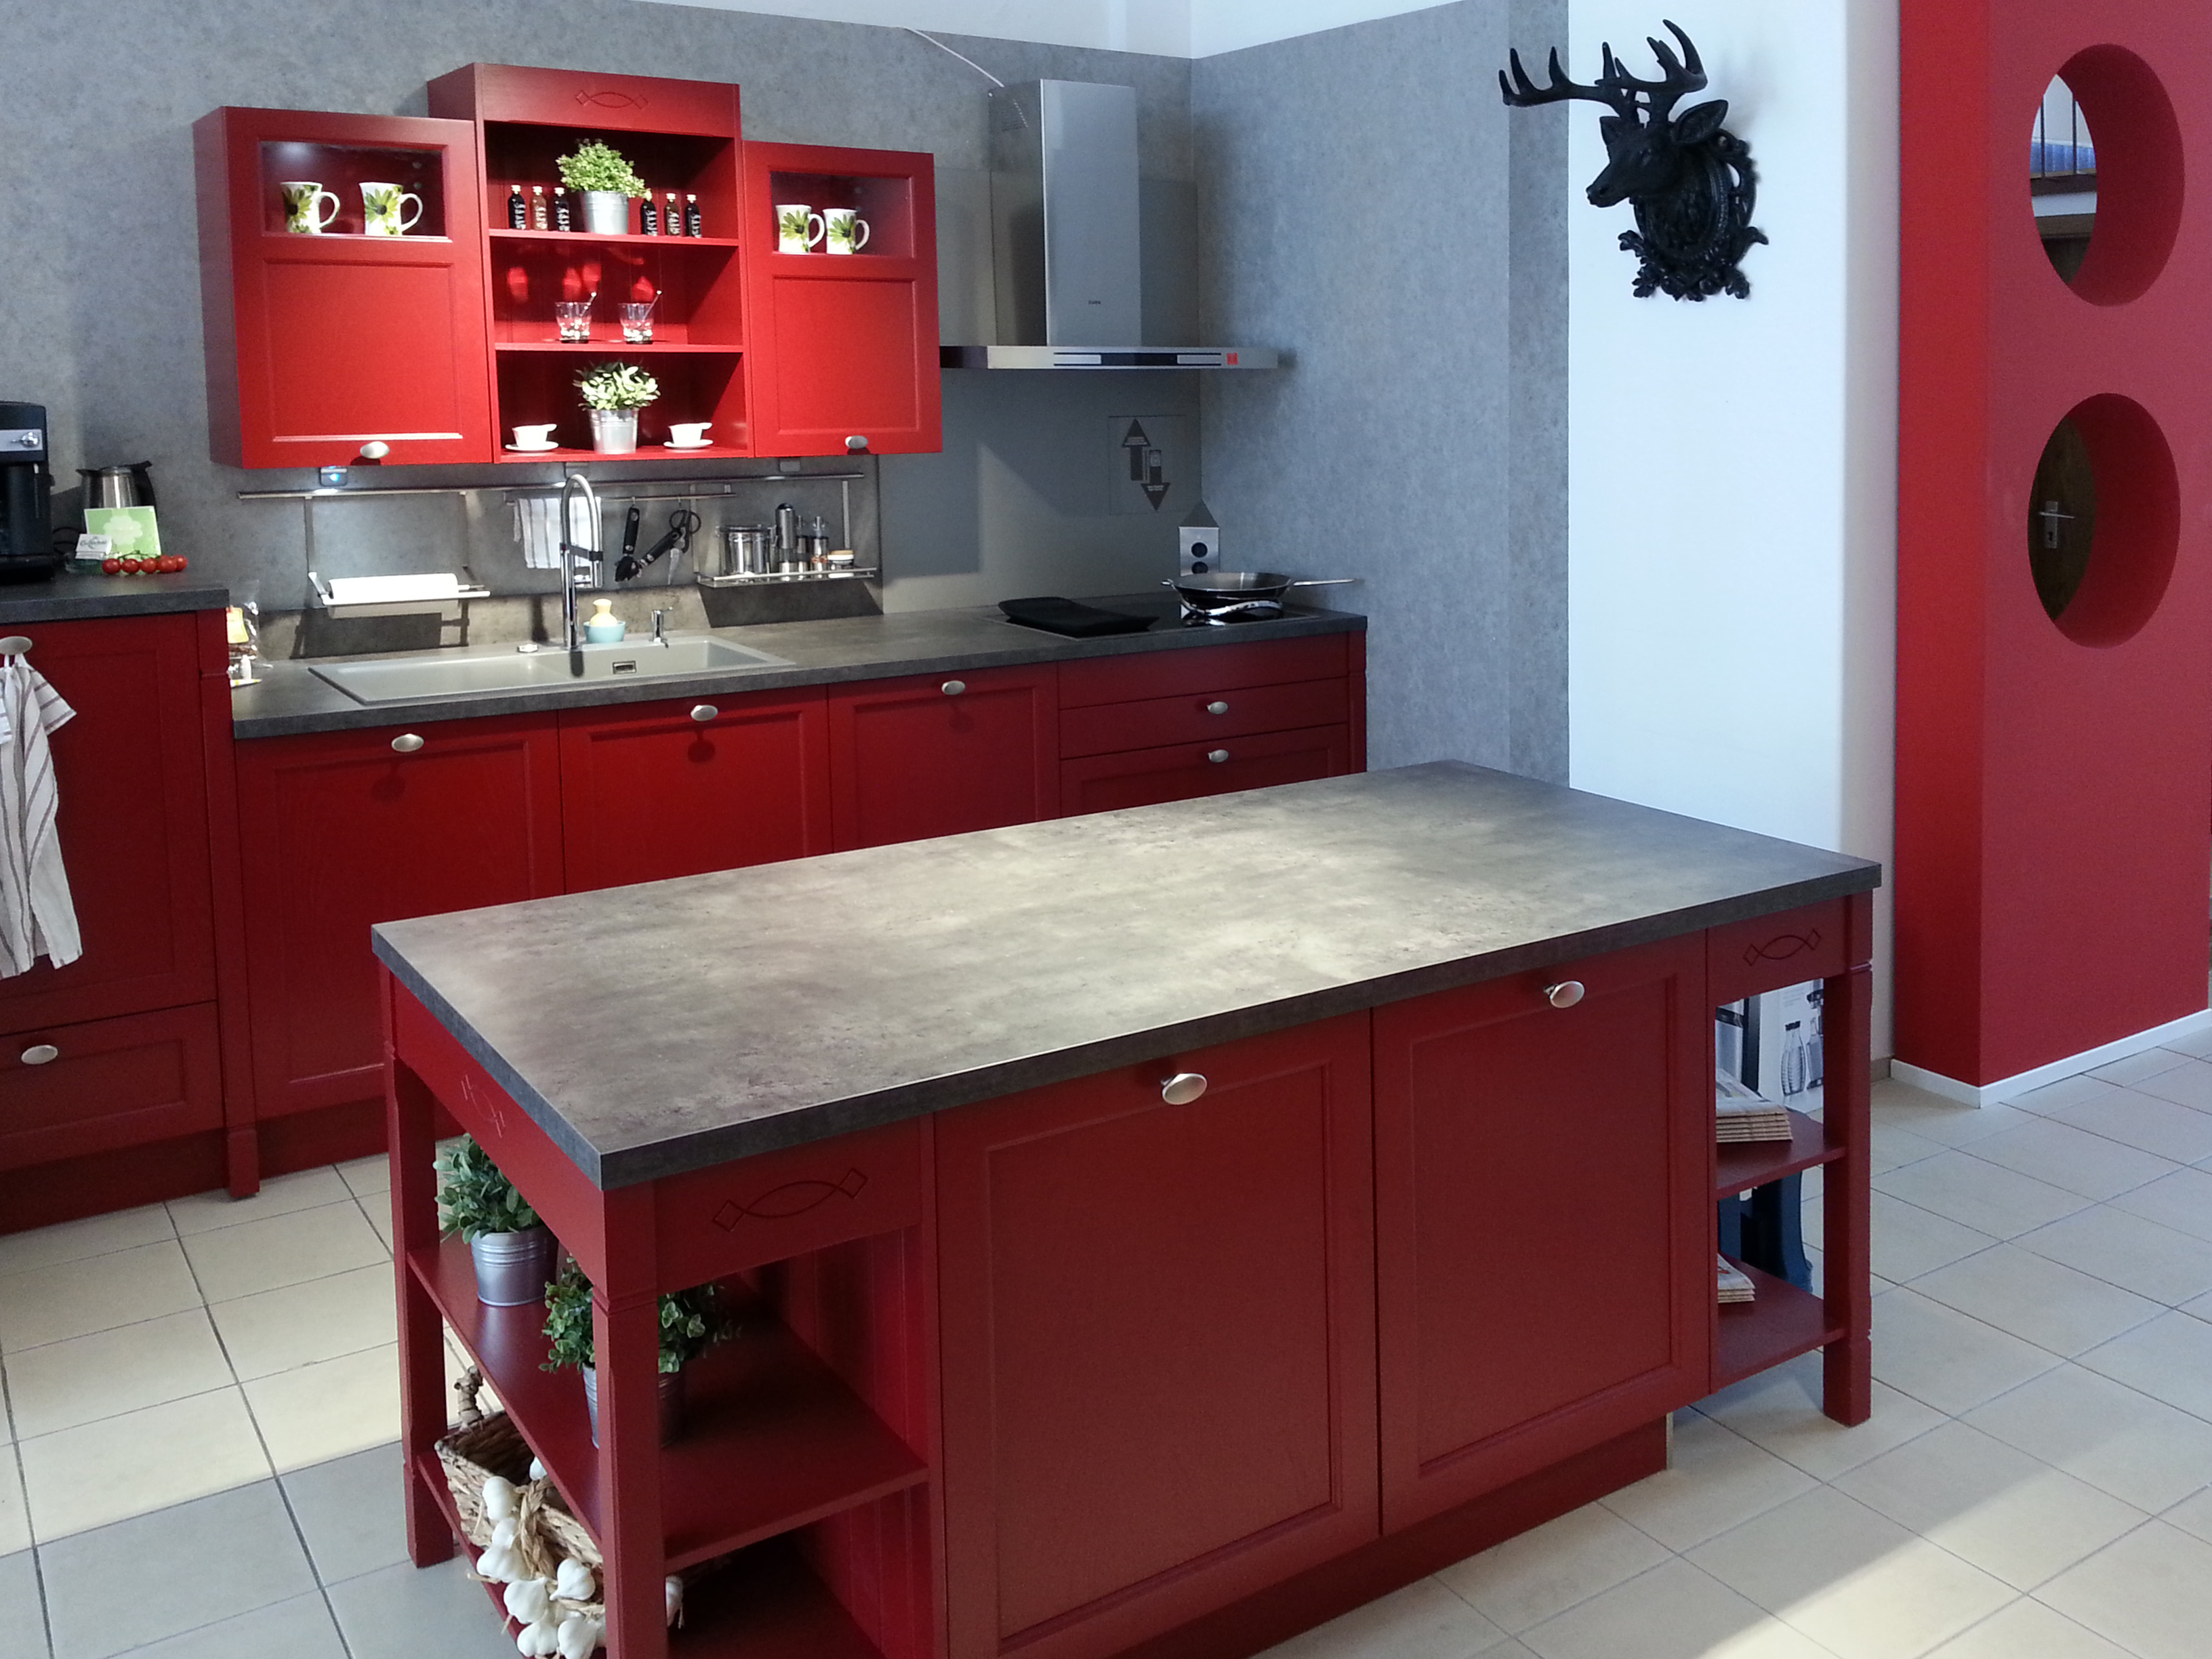 Küchenstudio Oberursel » Küchen kaufen - » Küchen kaufen - Küche&Co